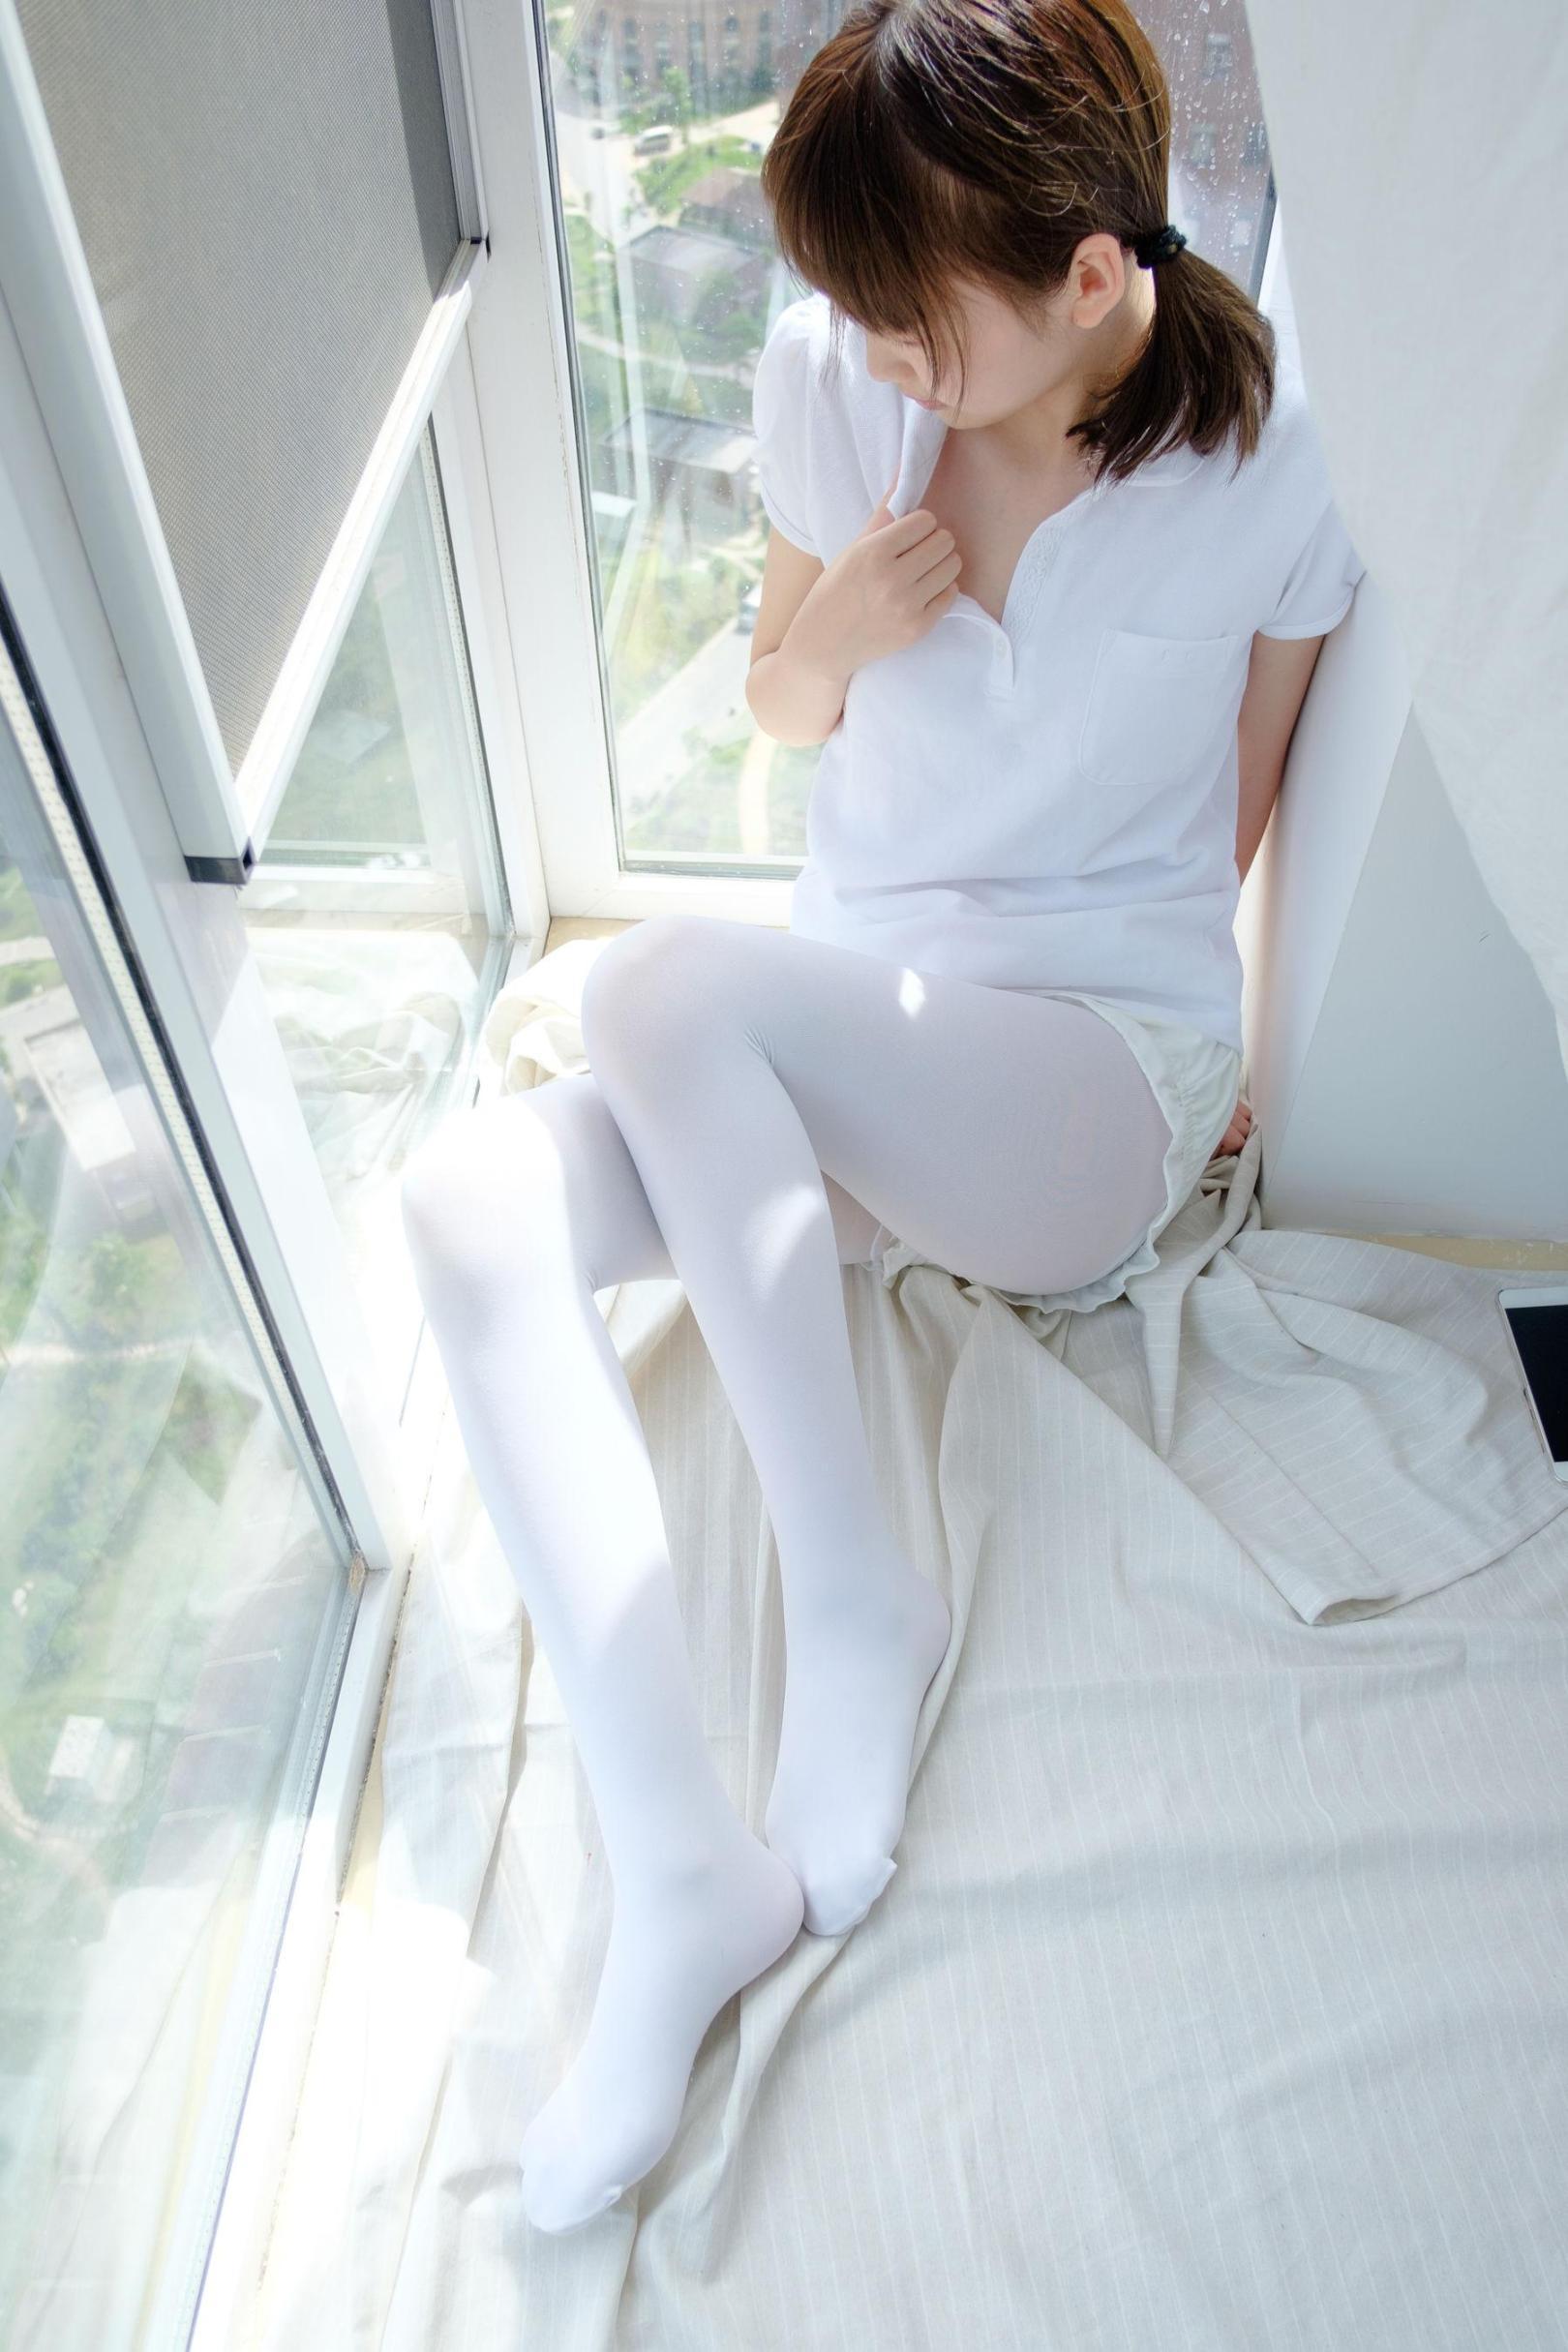 [网络美女] 网络美女 窗台上的白丝少女 高清写真套图